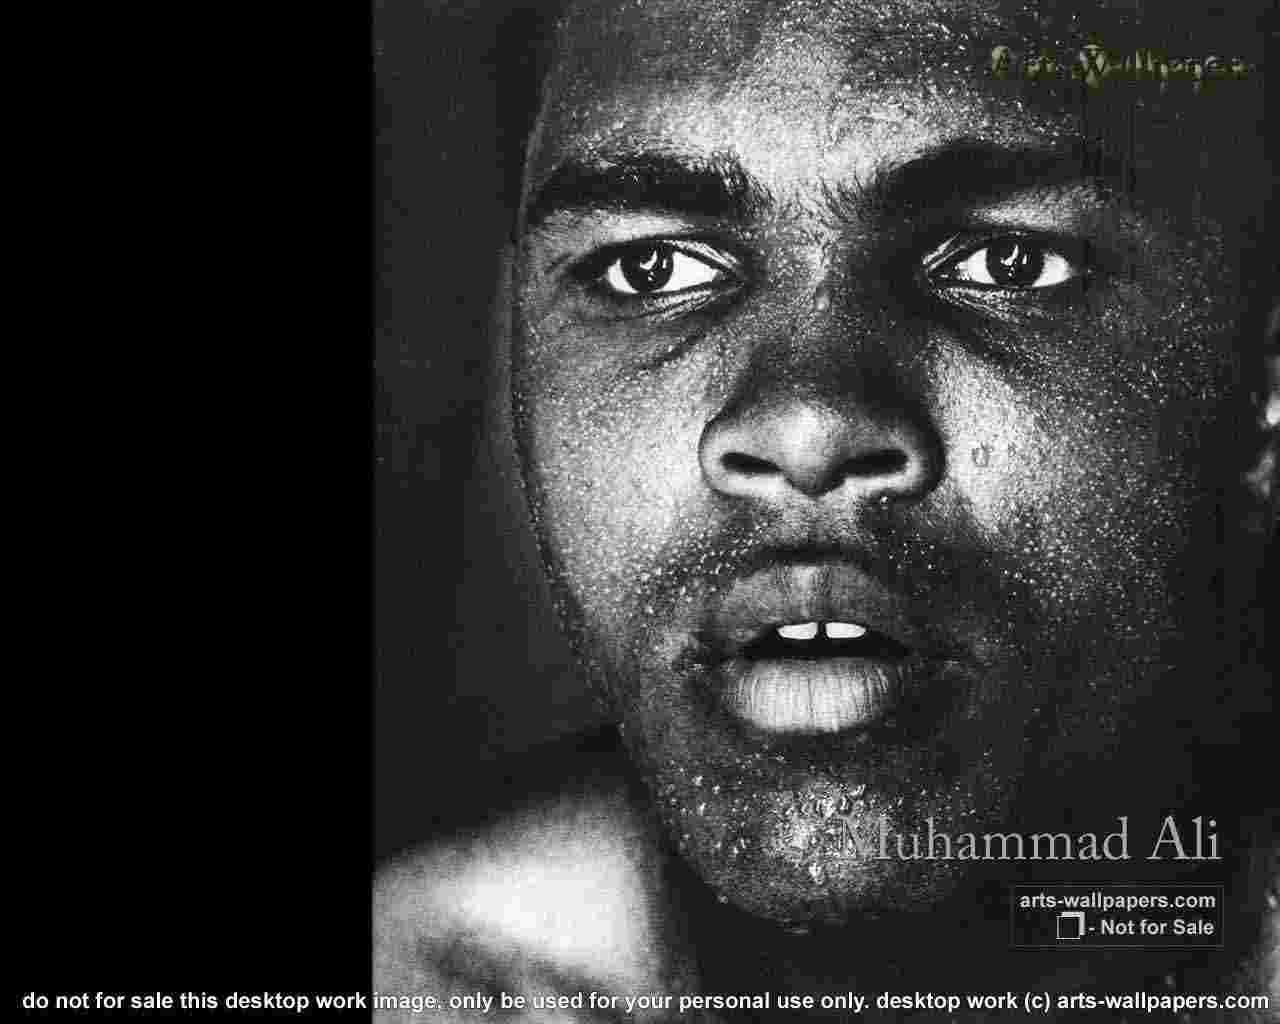 Muhammad Ali Wallpaper 1920x1080 1280x1024